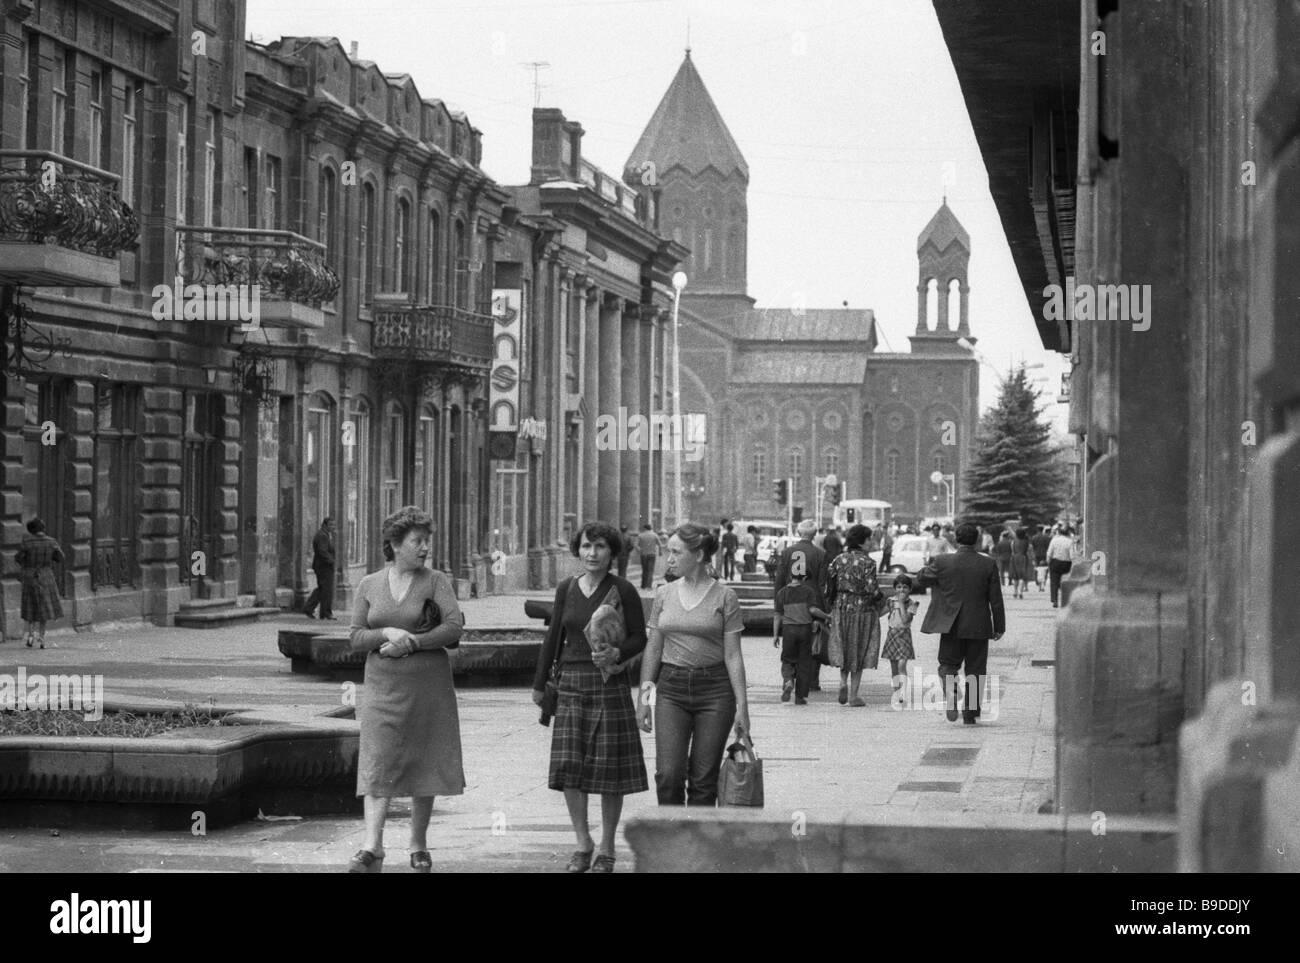 L'un des rues dans le Kumayri historique et architectural de l'état de préserver la ville de Leninakan Photo Stock